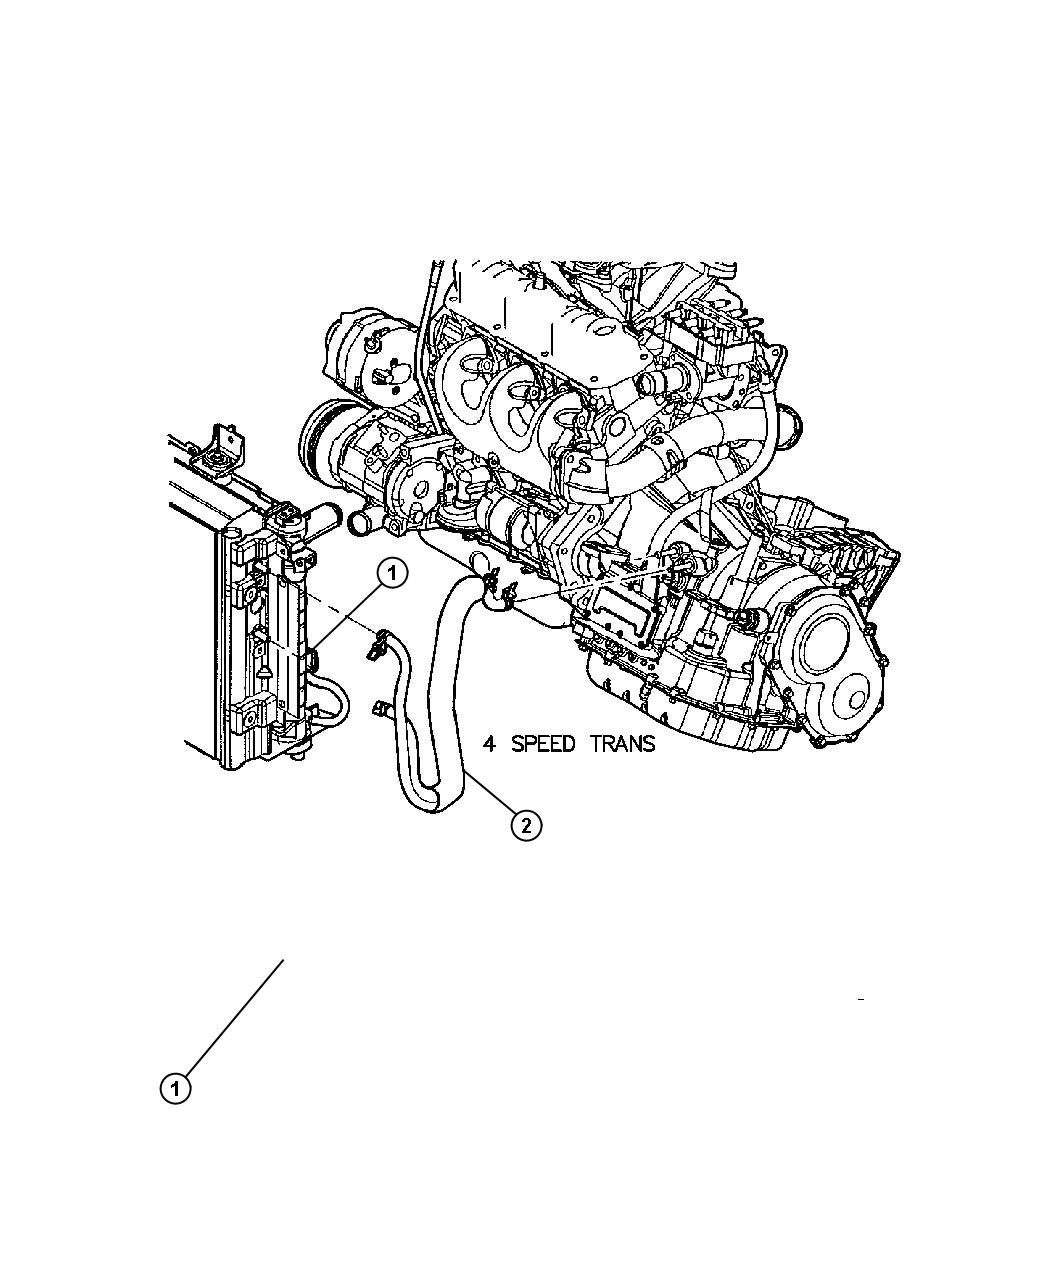 2001 Dodge Stratus Connector kit. Transmission oil cooler